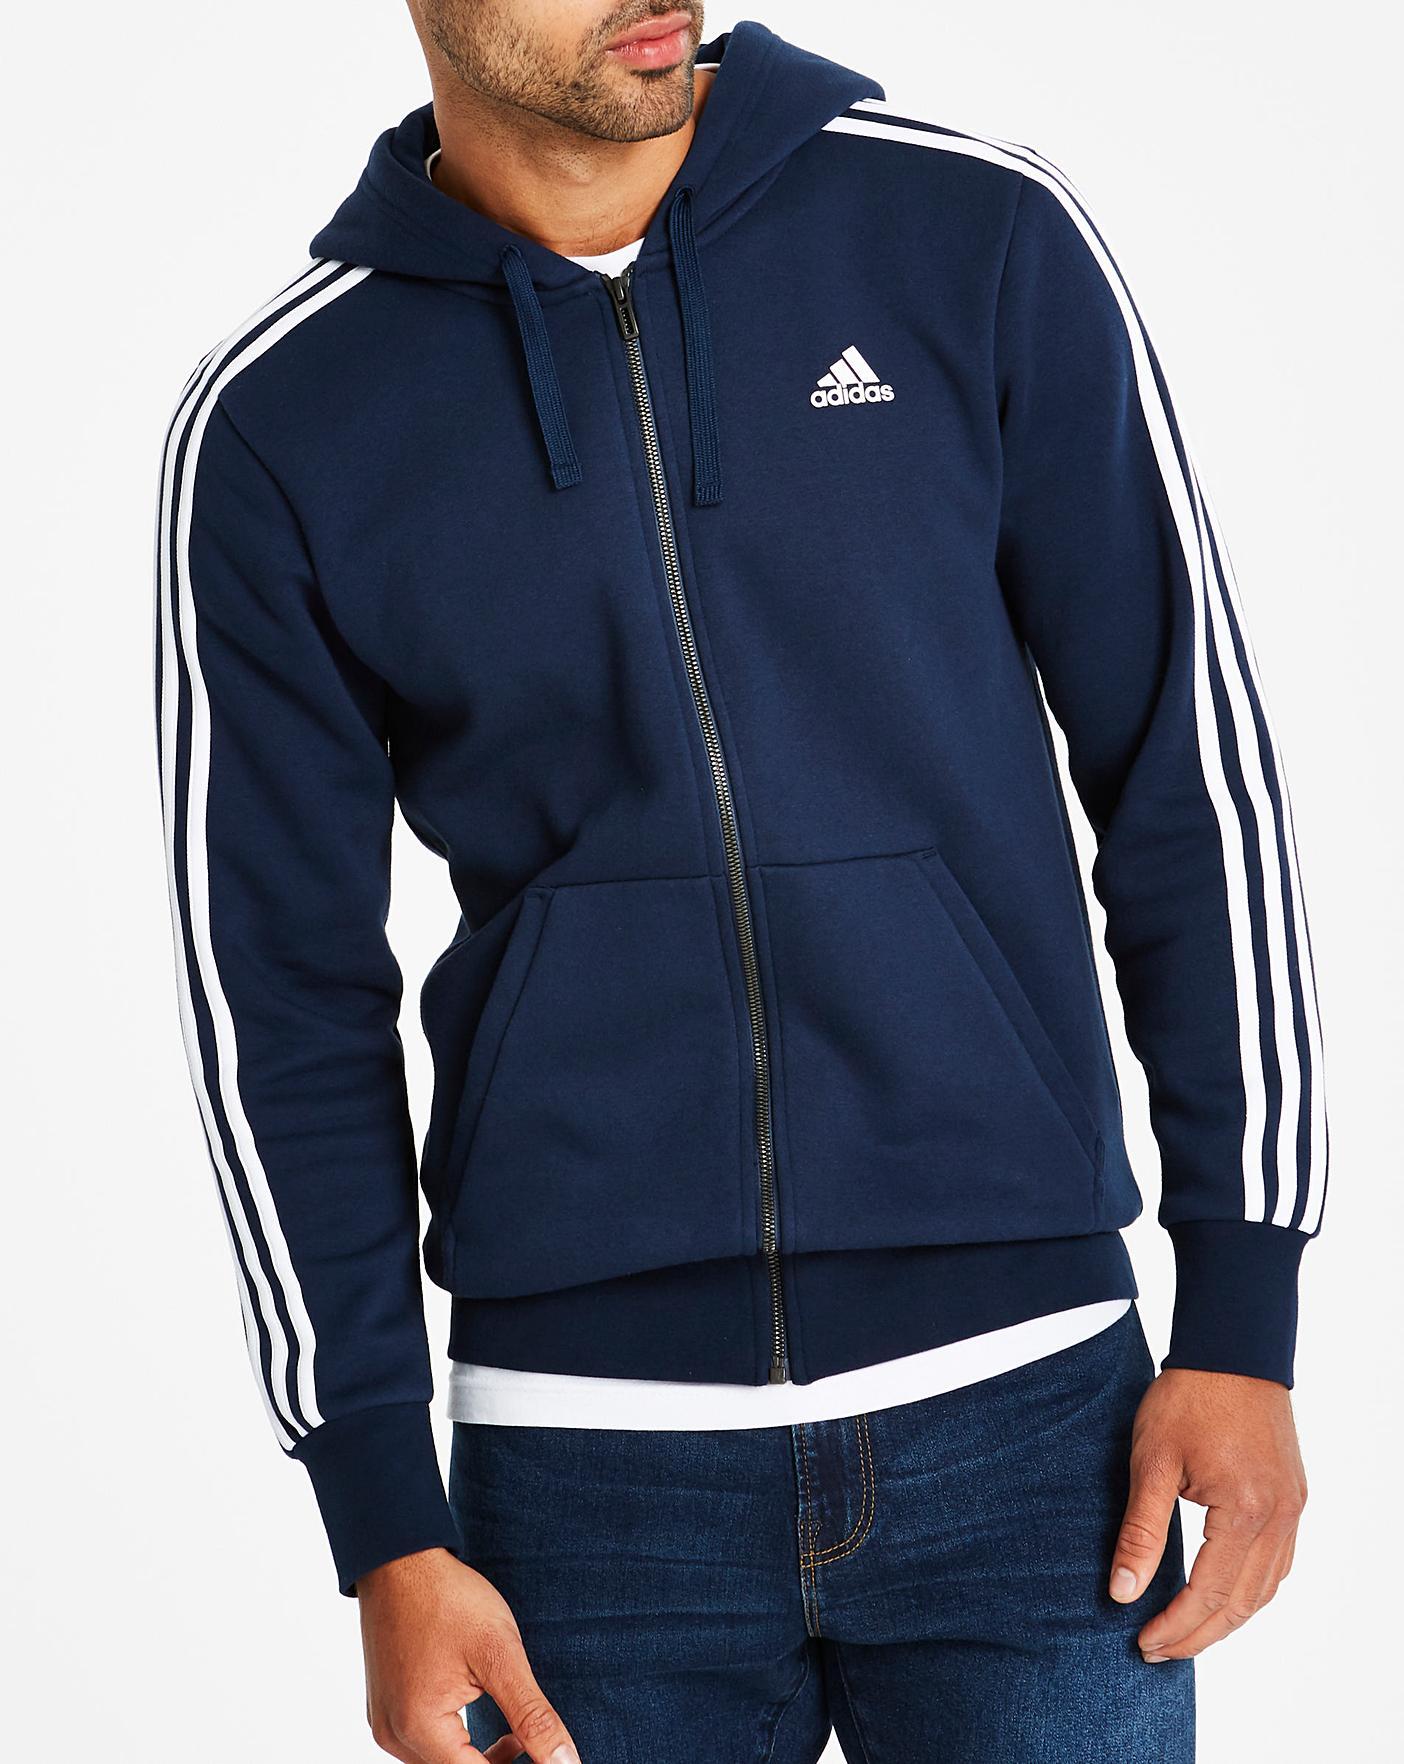 adidas navy blue hoodie